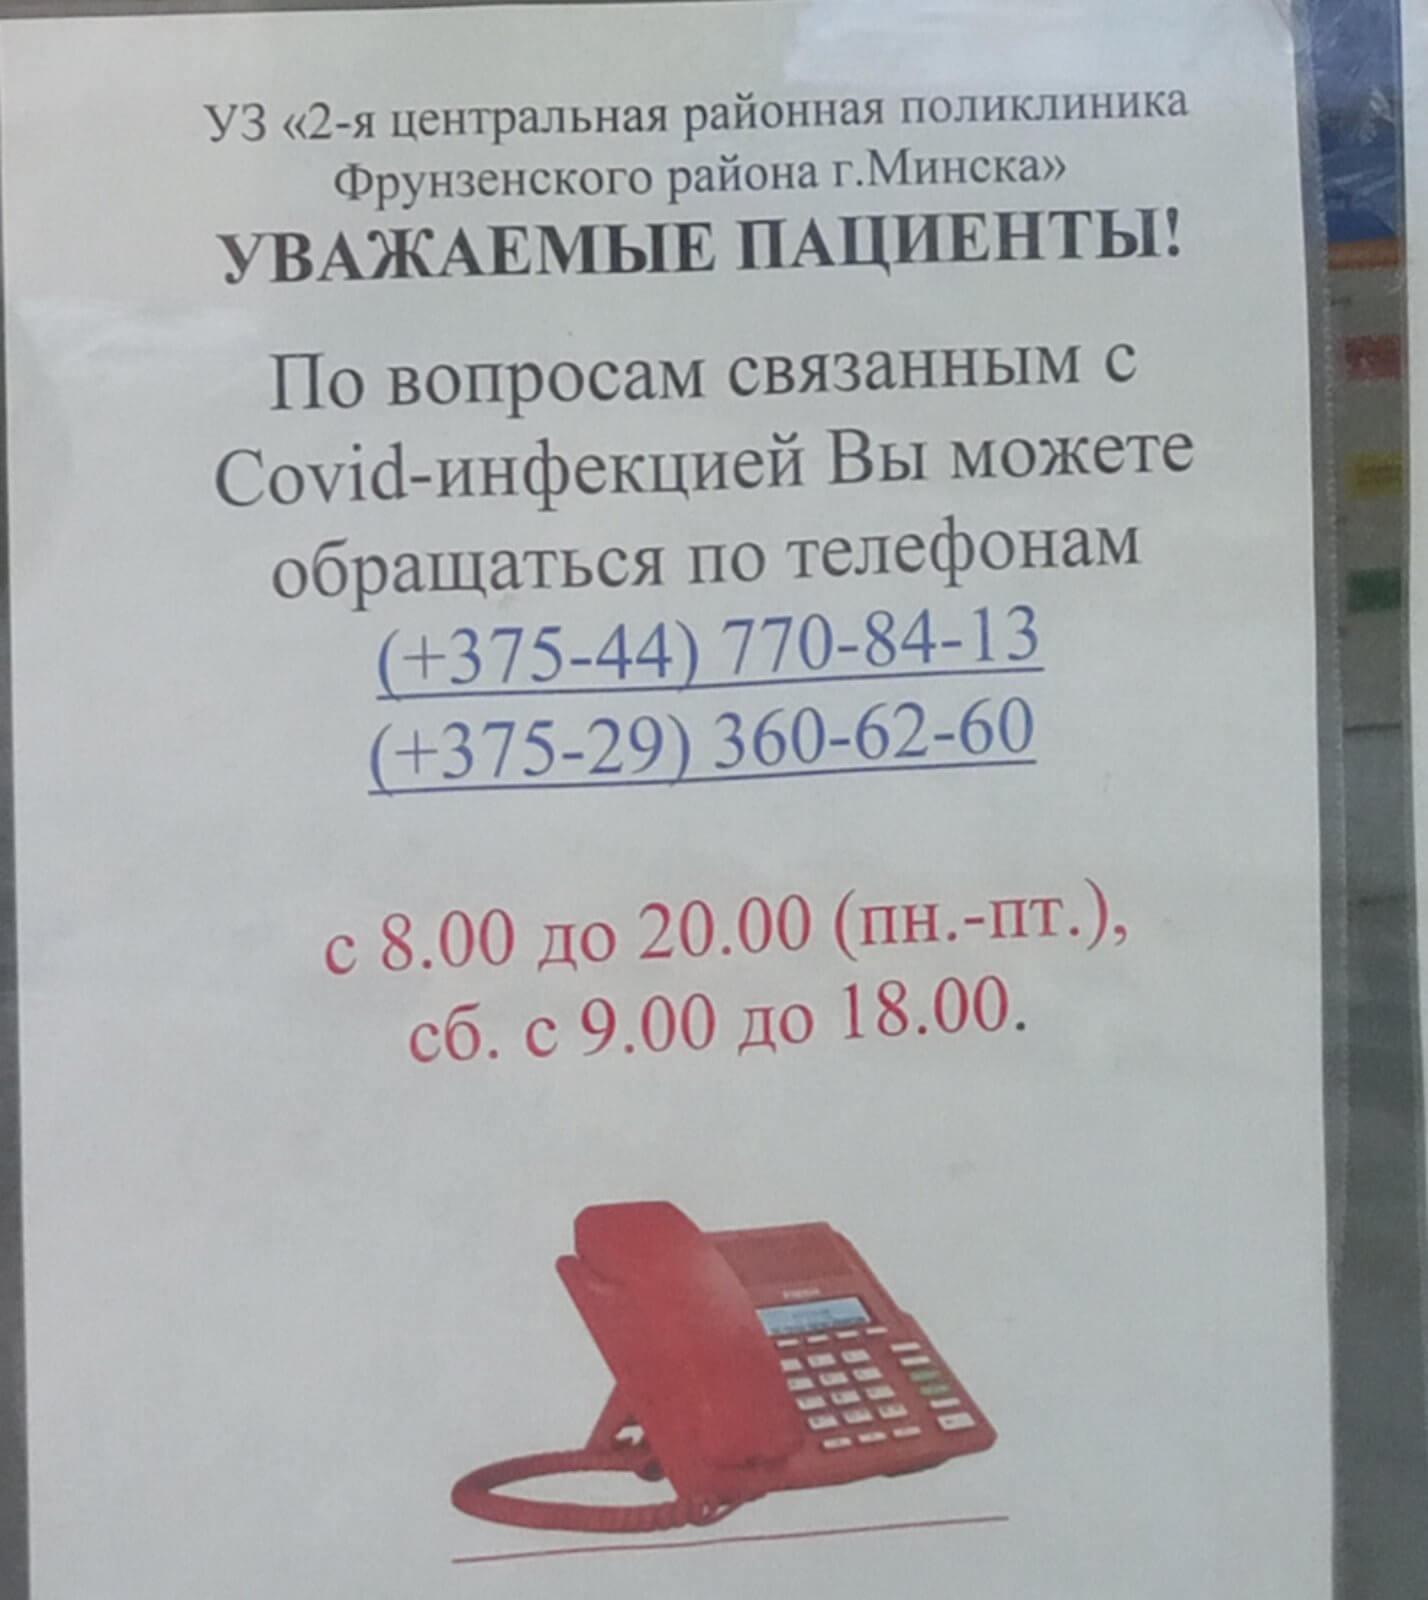 Телефоны приемной